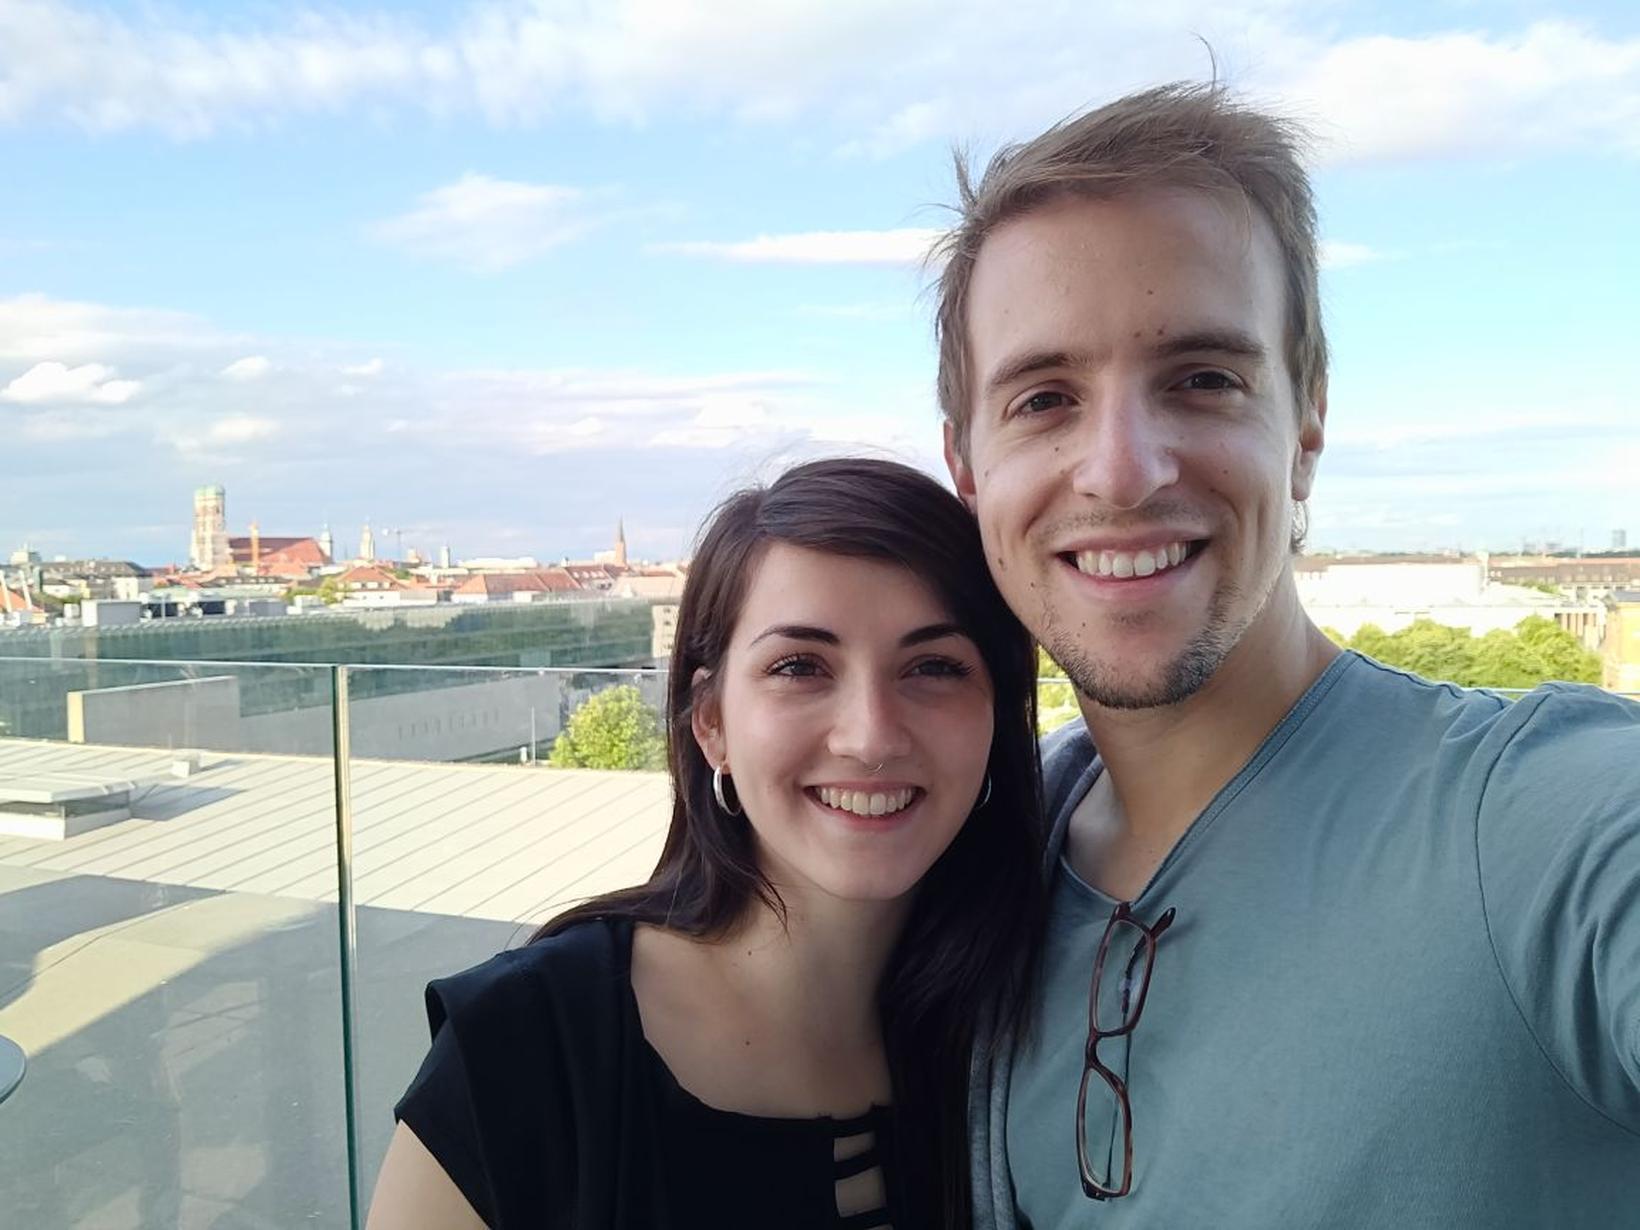 Alexandre & Alejandra from Munich, Germany